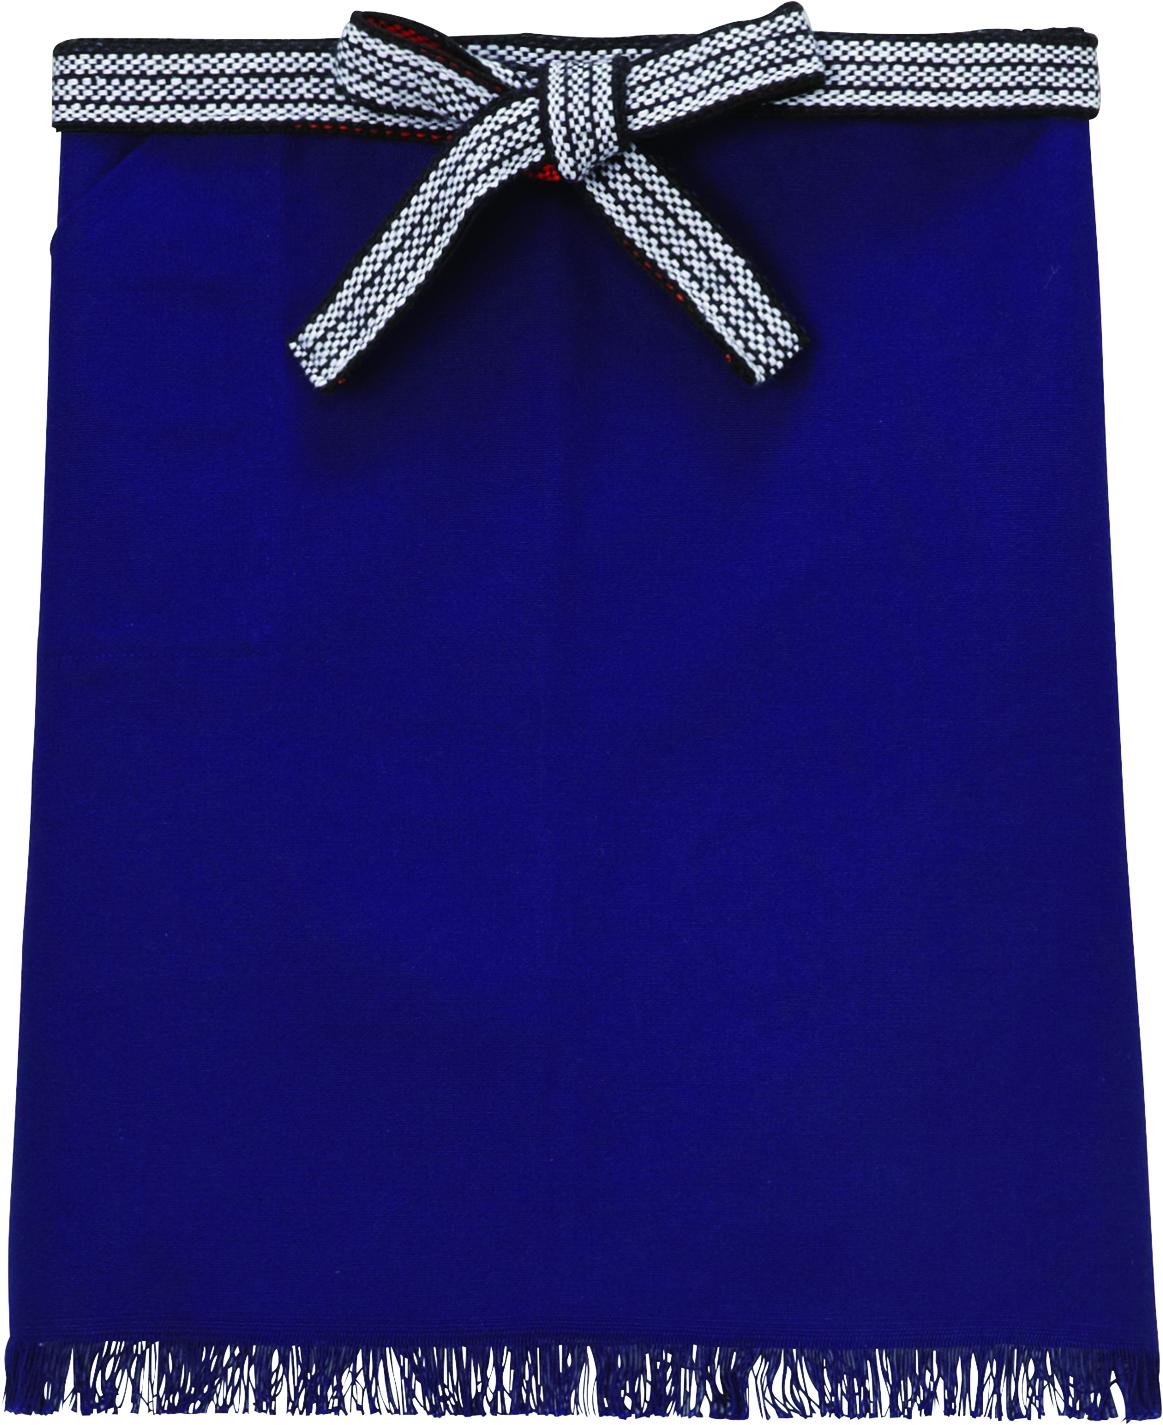 00880-HMS 刺繍エプロン